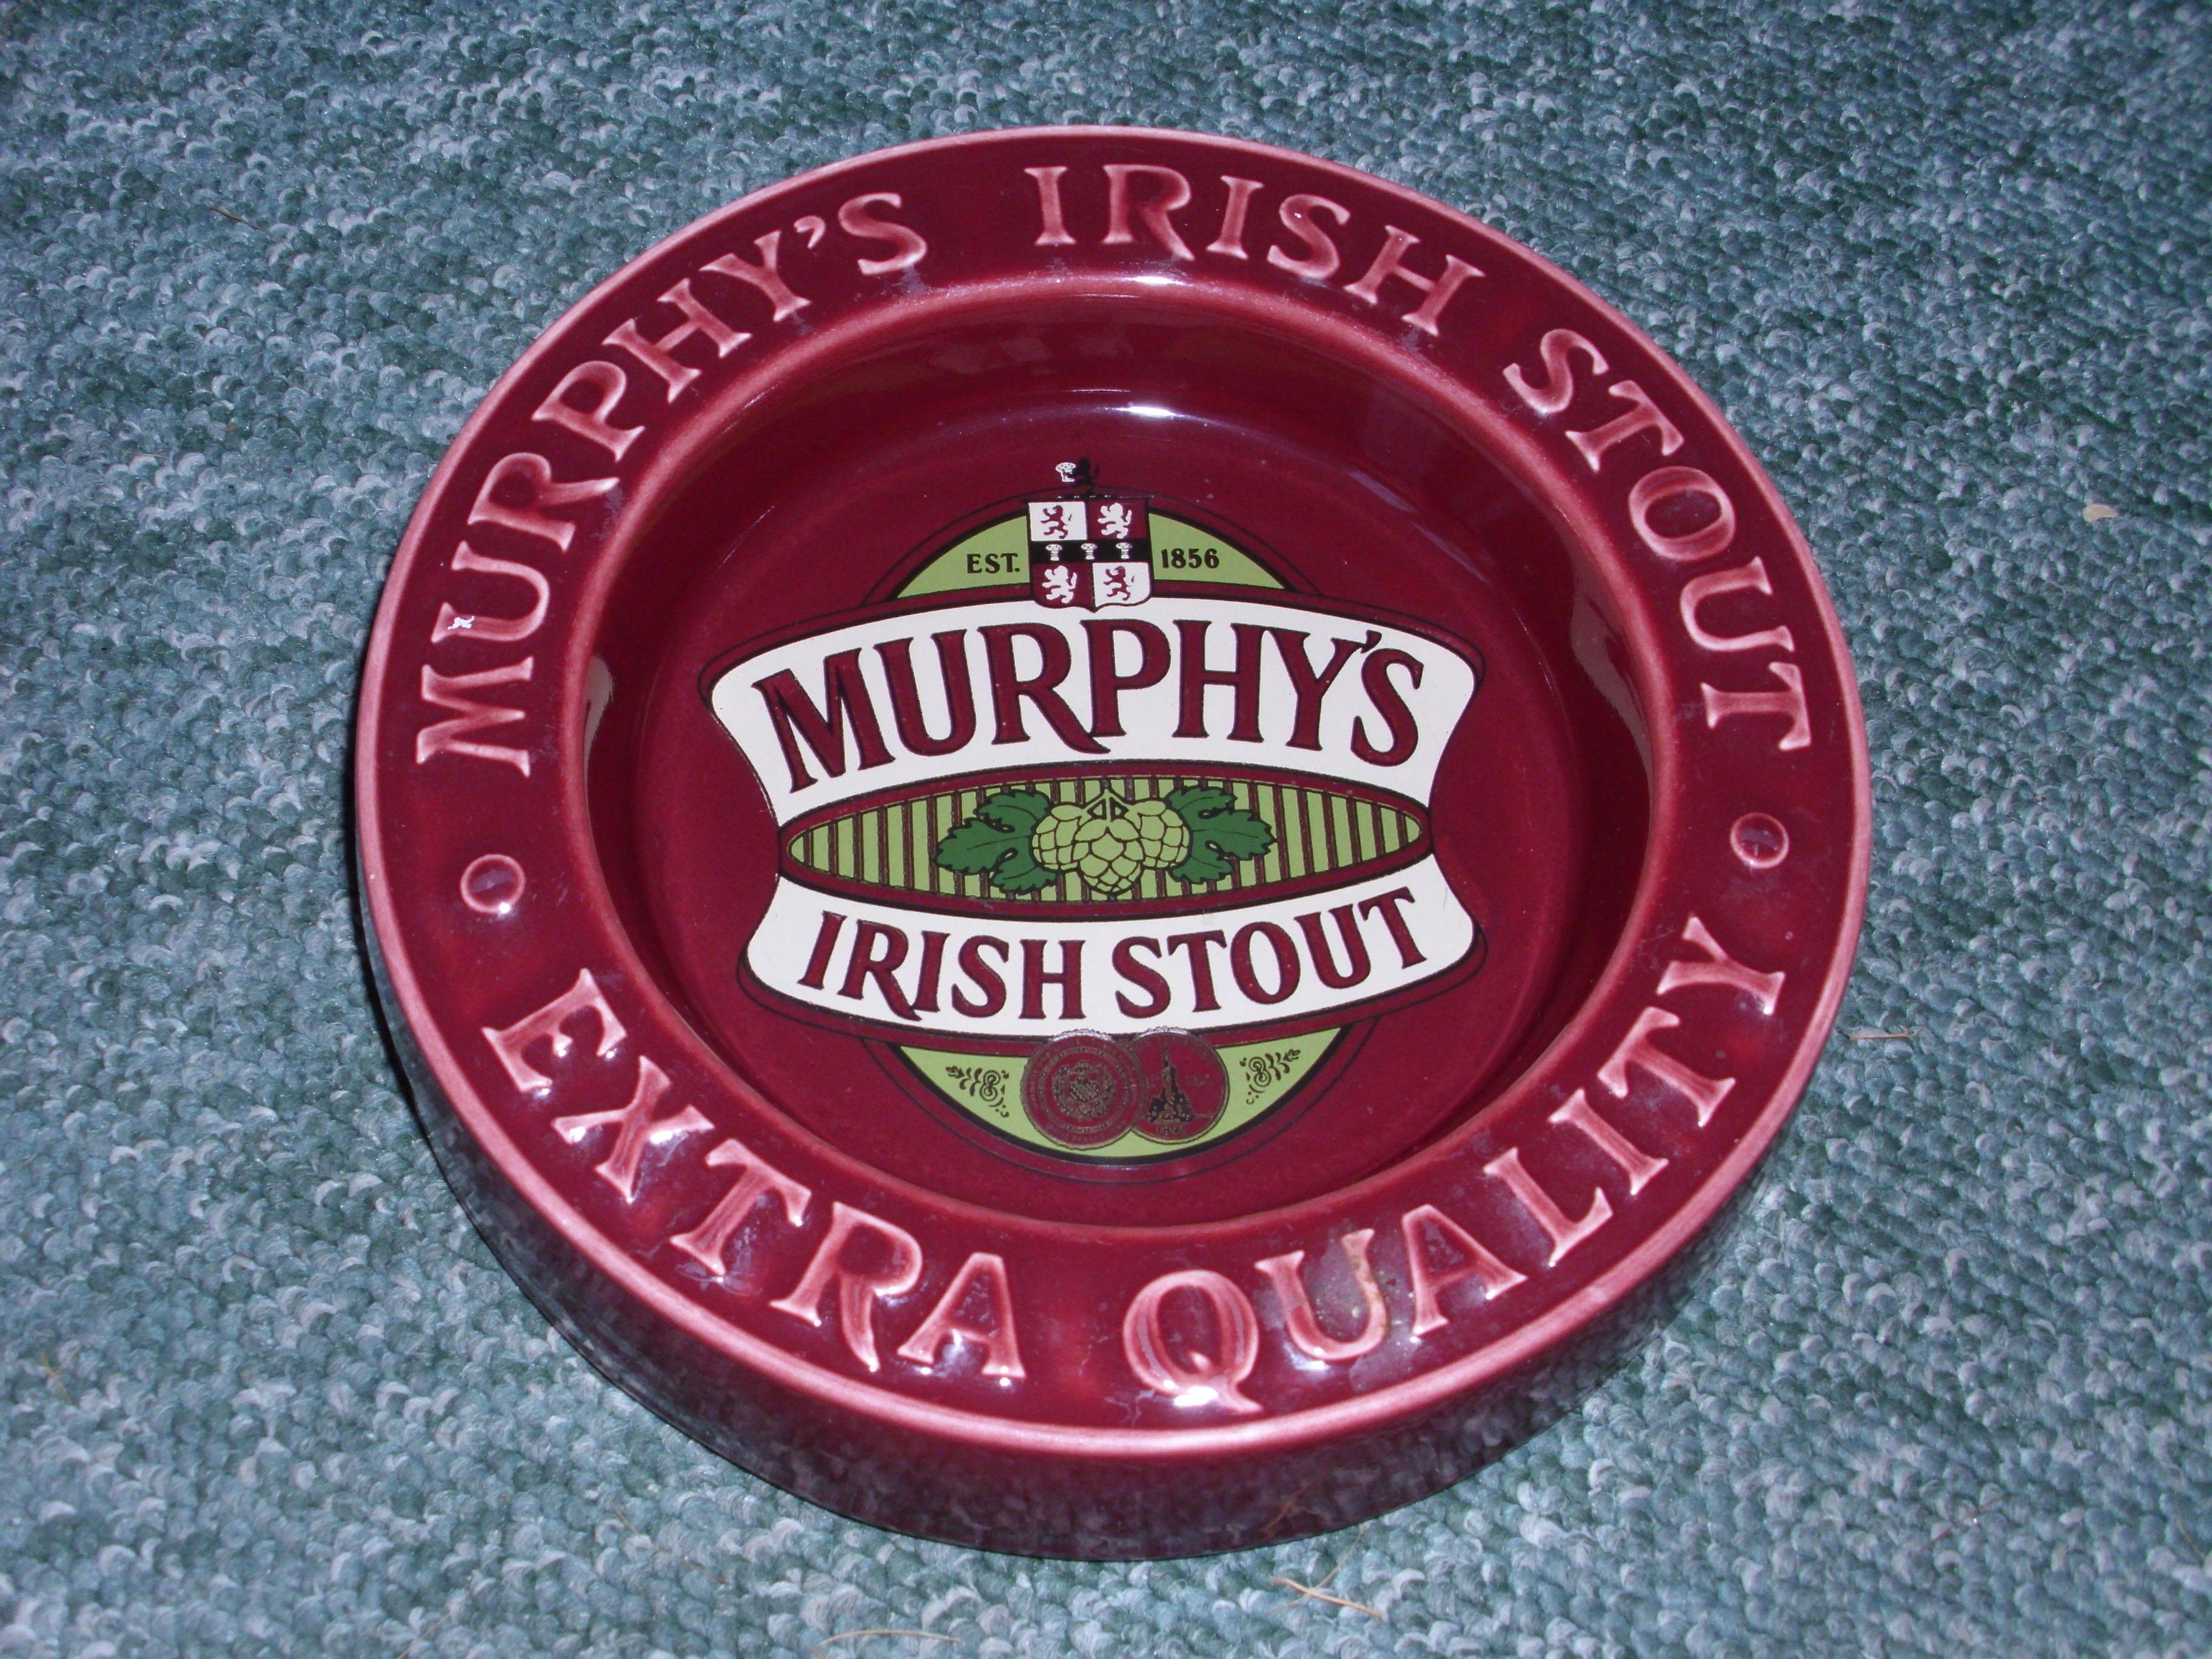 Murphys Irish Stout Ashtray